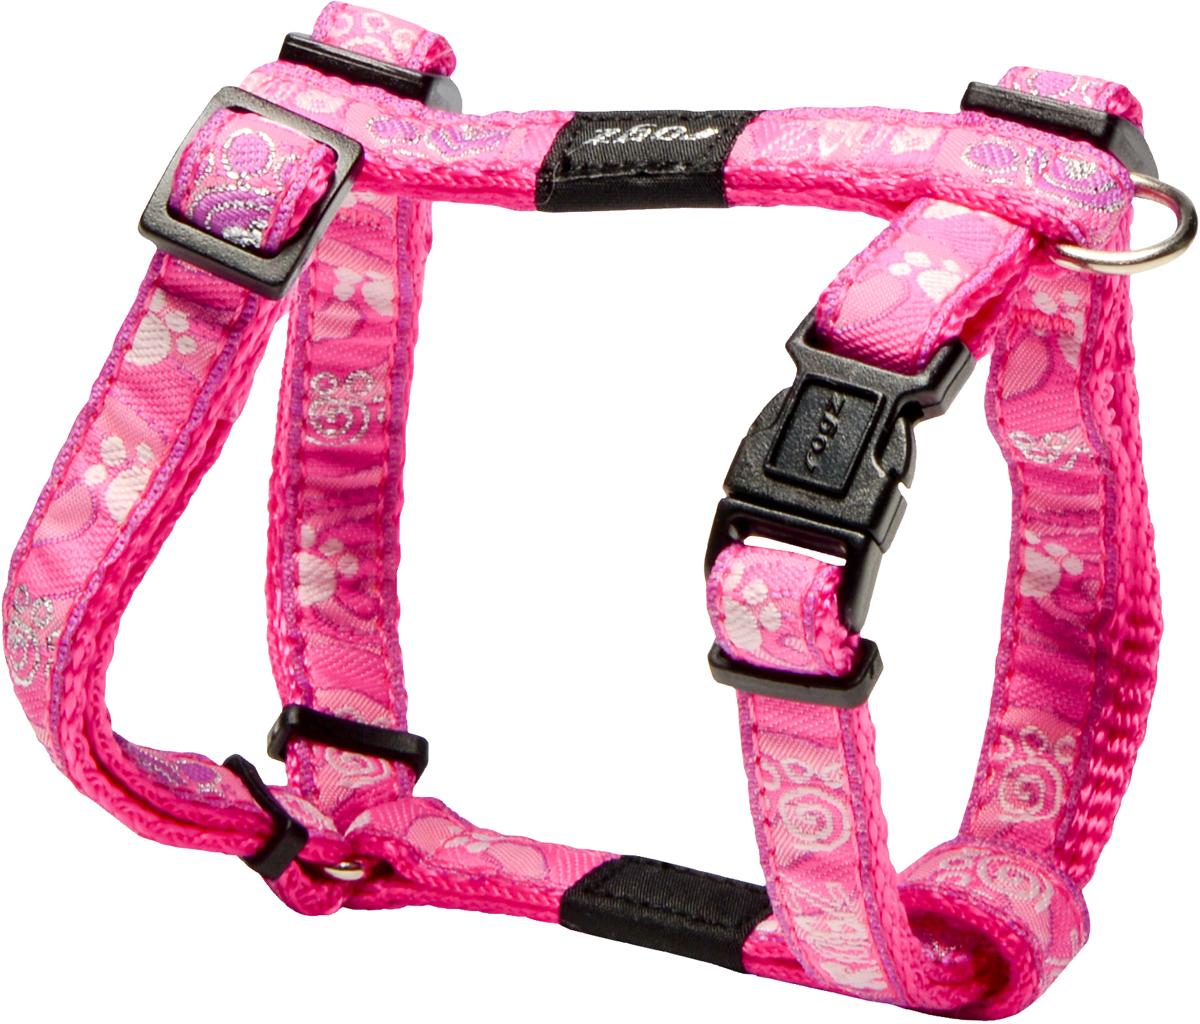 Шлейка для собак Rogz Fancy Dress, цвет: розовый, ширина 1,1 смSJ01CAШлейка для собак Rogz Fancy Dress имеет необычный дизайн. Широкая гамма потрясающе красивых орнаментов на прочной тесьме поверх нейлоновой ленты украсит вашего питомца.Застегивается, не доставляя неудобство собаке.Специальная конструкция пряжки Rog Loc - очень крепкая(система Fort Knox). Замок может быть расстегнут только рукой человека.С помощью системы ремней изделие подгоняется под животного индивидуально.Необыкновенно крепкая и прочная шлейка.Выполненные по заказу литые кольца выдерживают значительные физические нагрузки и имеют хромирование, нанесенное гальваническим способом, что позволяет избежать коррозии и потускнения изделия.Легко можно прикрепить к ошейнику и поводку.